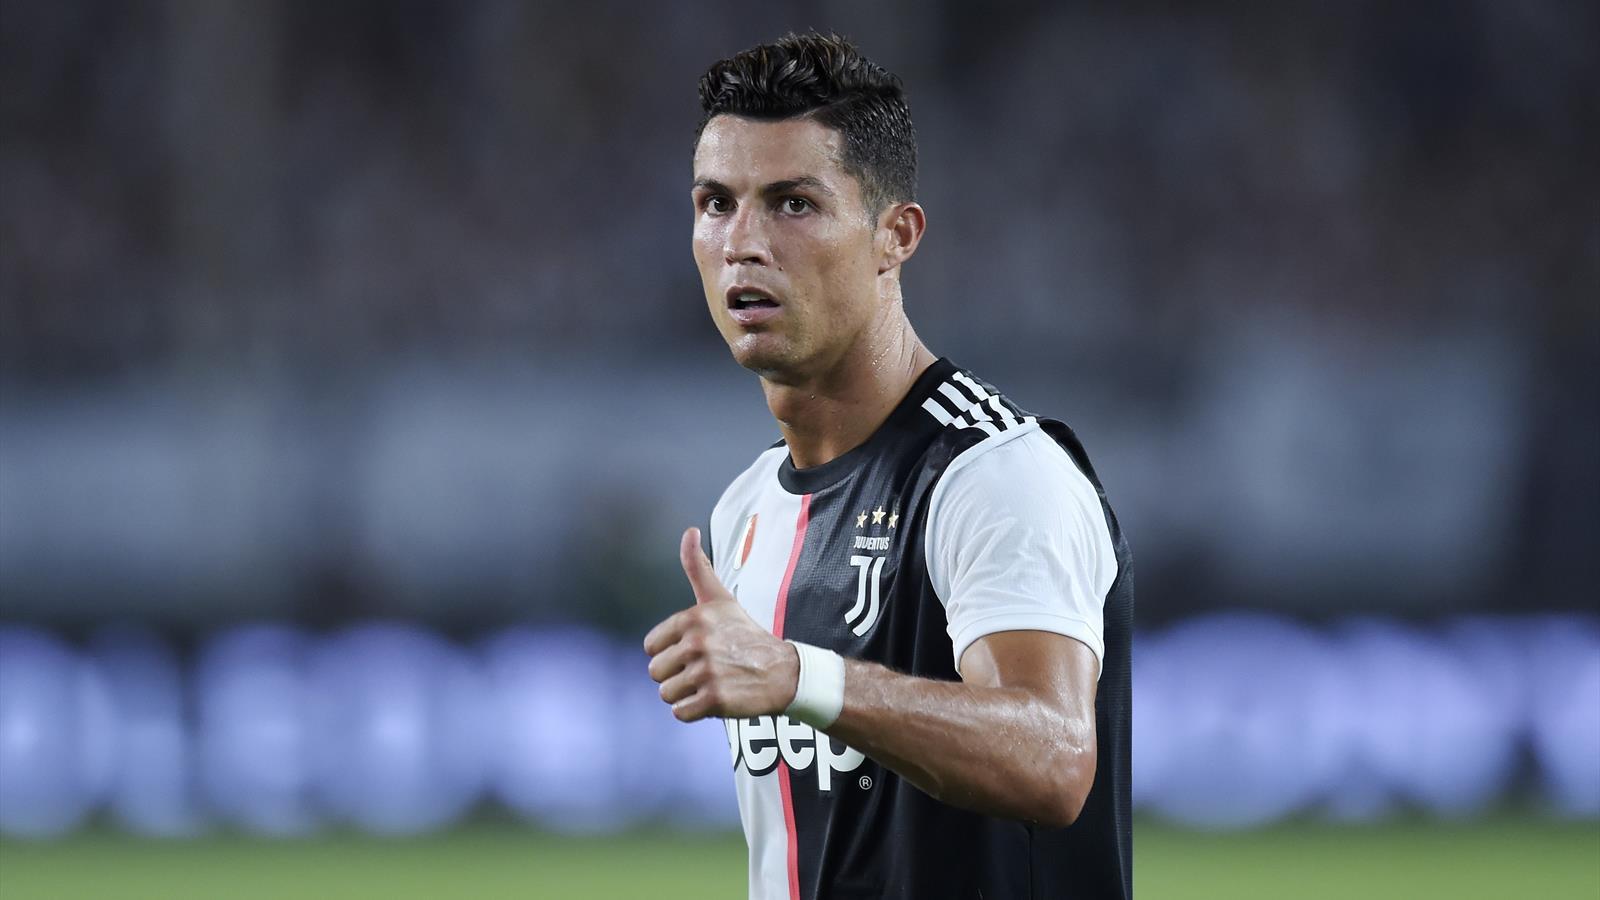 Calendario Partite Juventus Stadium.Juventus Il Calendario Completo Tutte Le Partite E Le Date